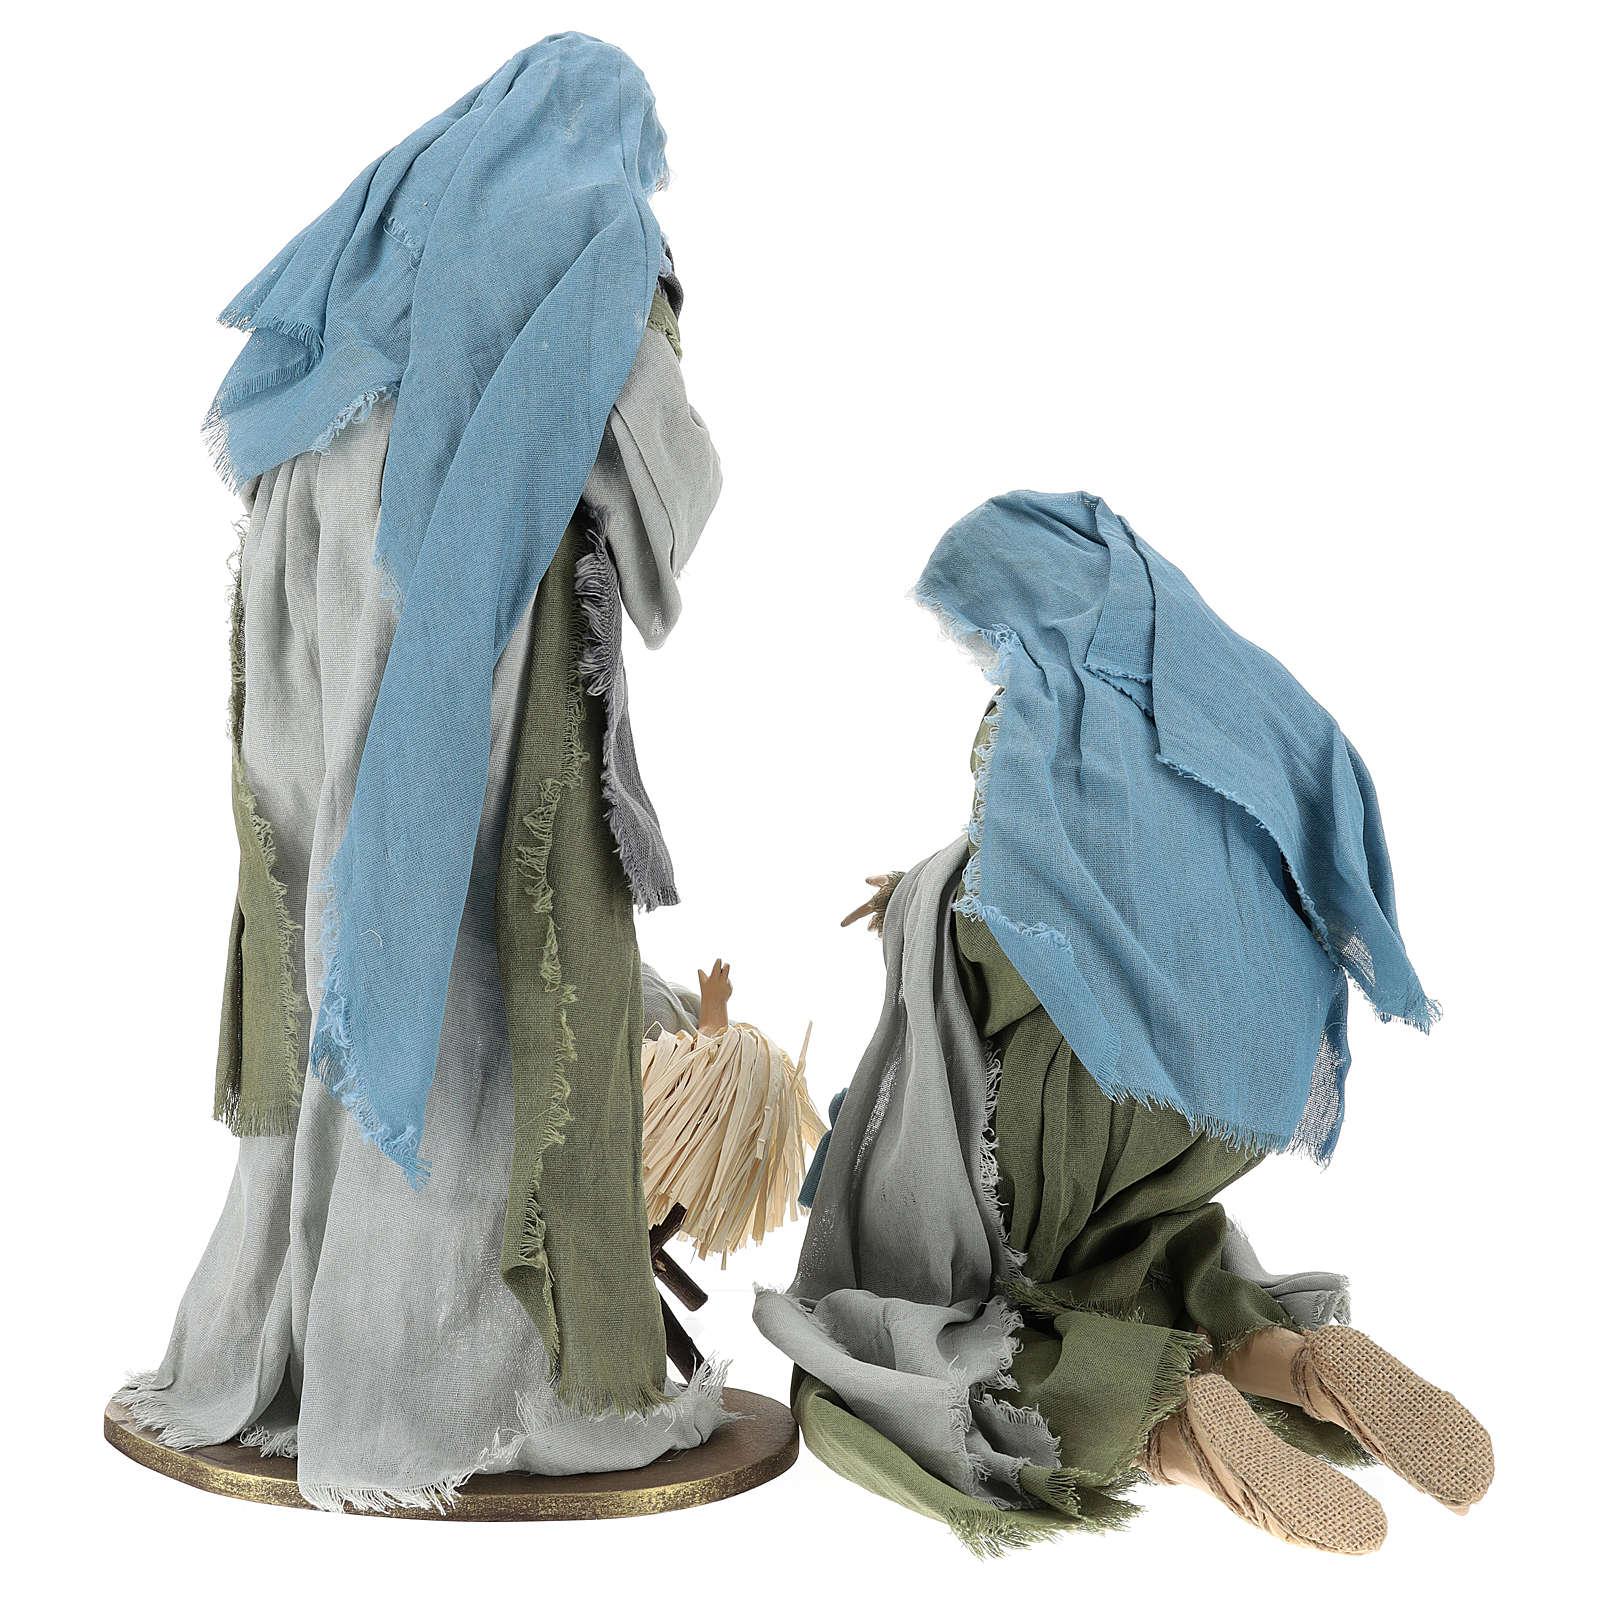 Natività 60 cm in resina con tessuto verde e grigio 3